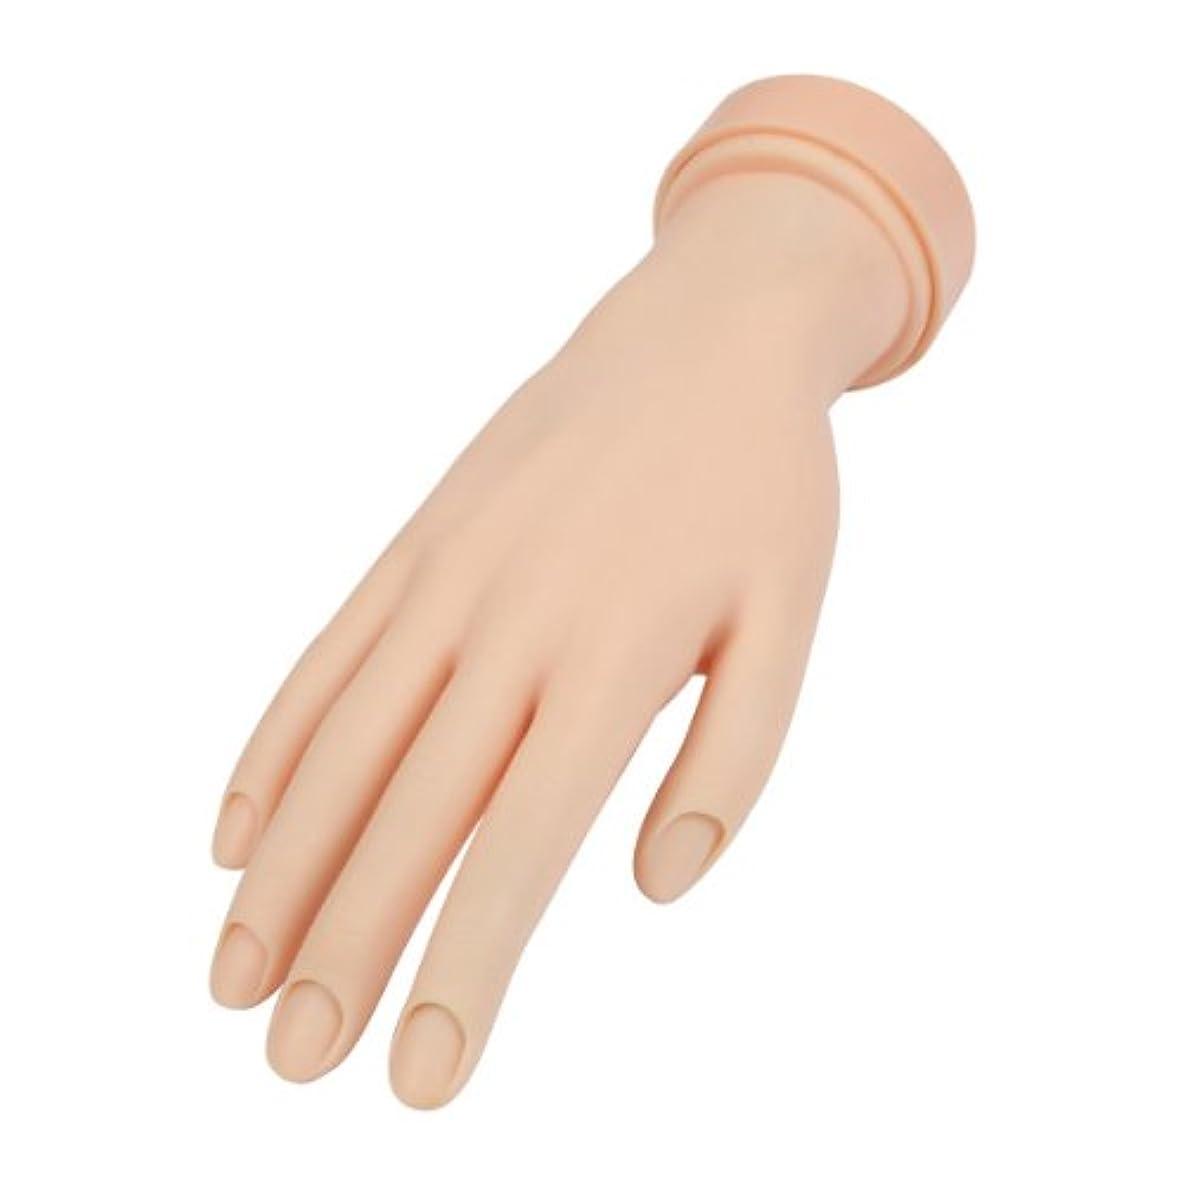 血統局かび臭いトレーニングハンド (ネイル用) 右手 [ 練習用マネキン 手 指 ハンドマネキン マネキン 施術 トレーニング ]